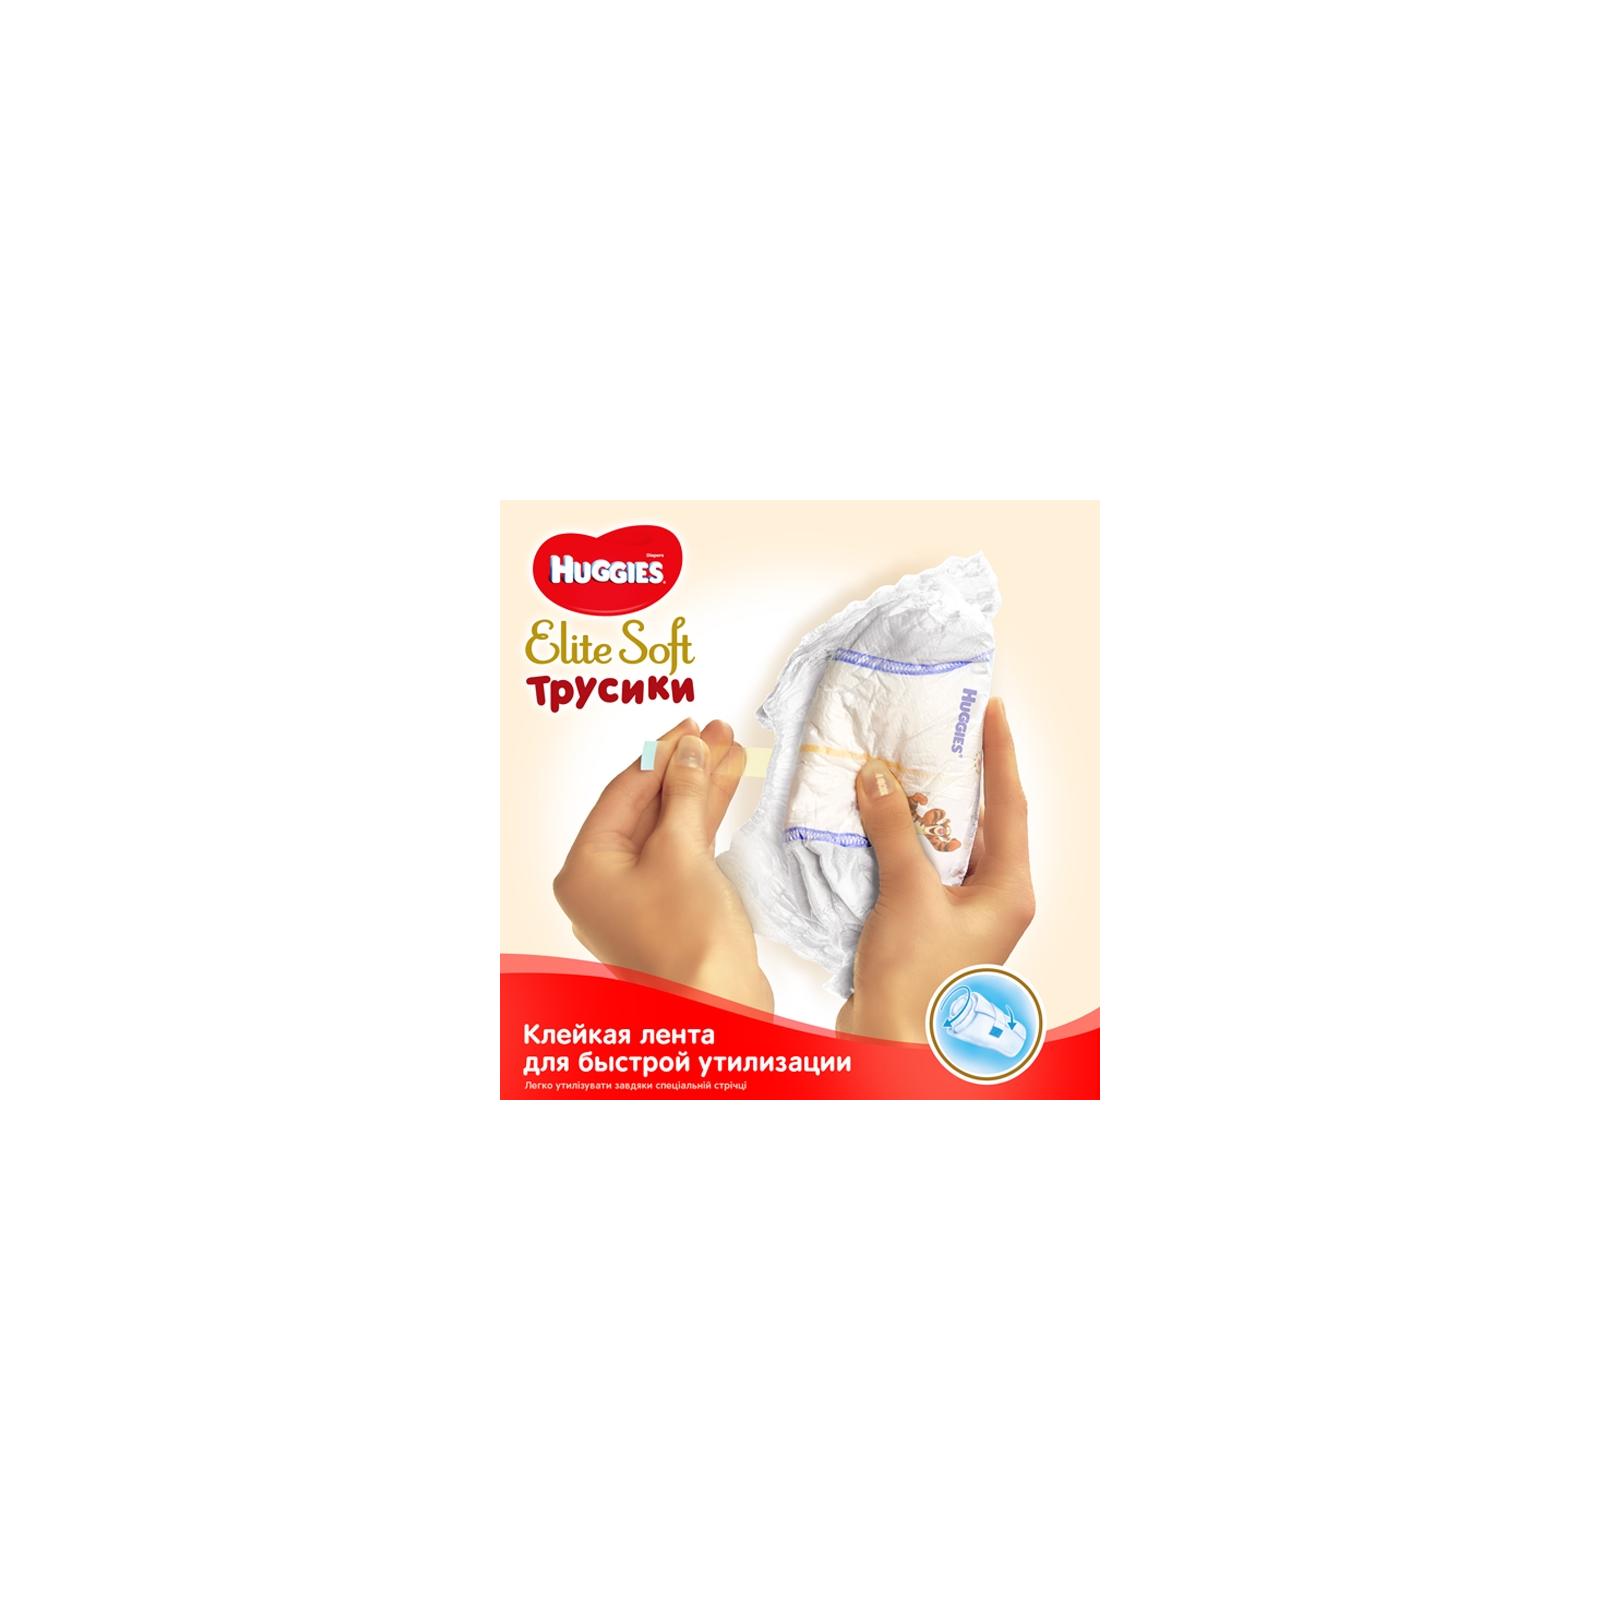 Подгузник Huggies Elite Soft Pants M размер 3 (6-11 кг) 25 шт (5029053546964) изображение 6